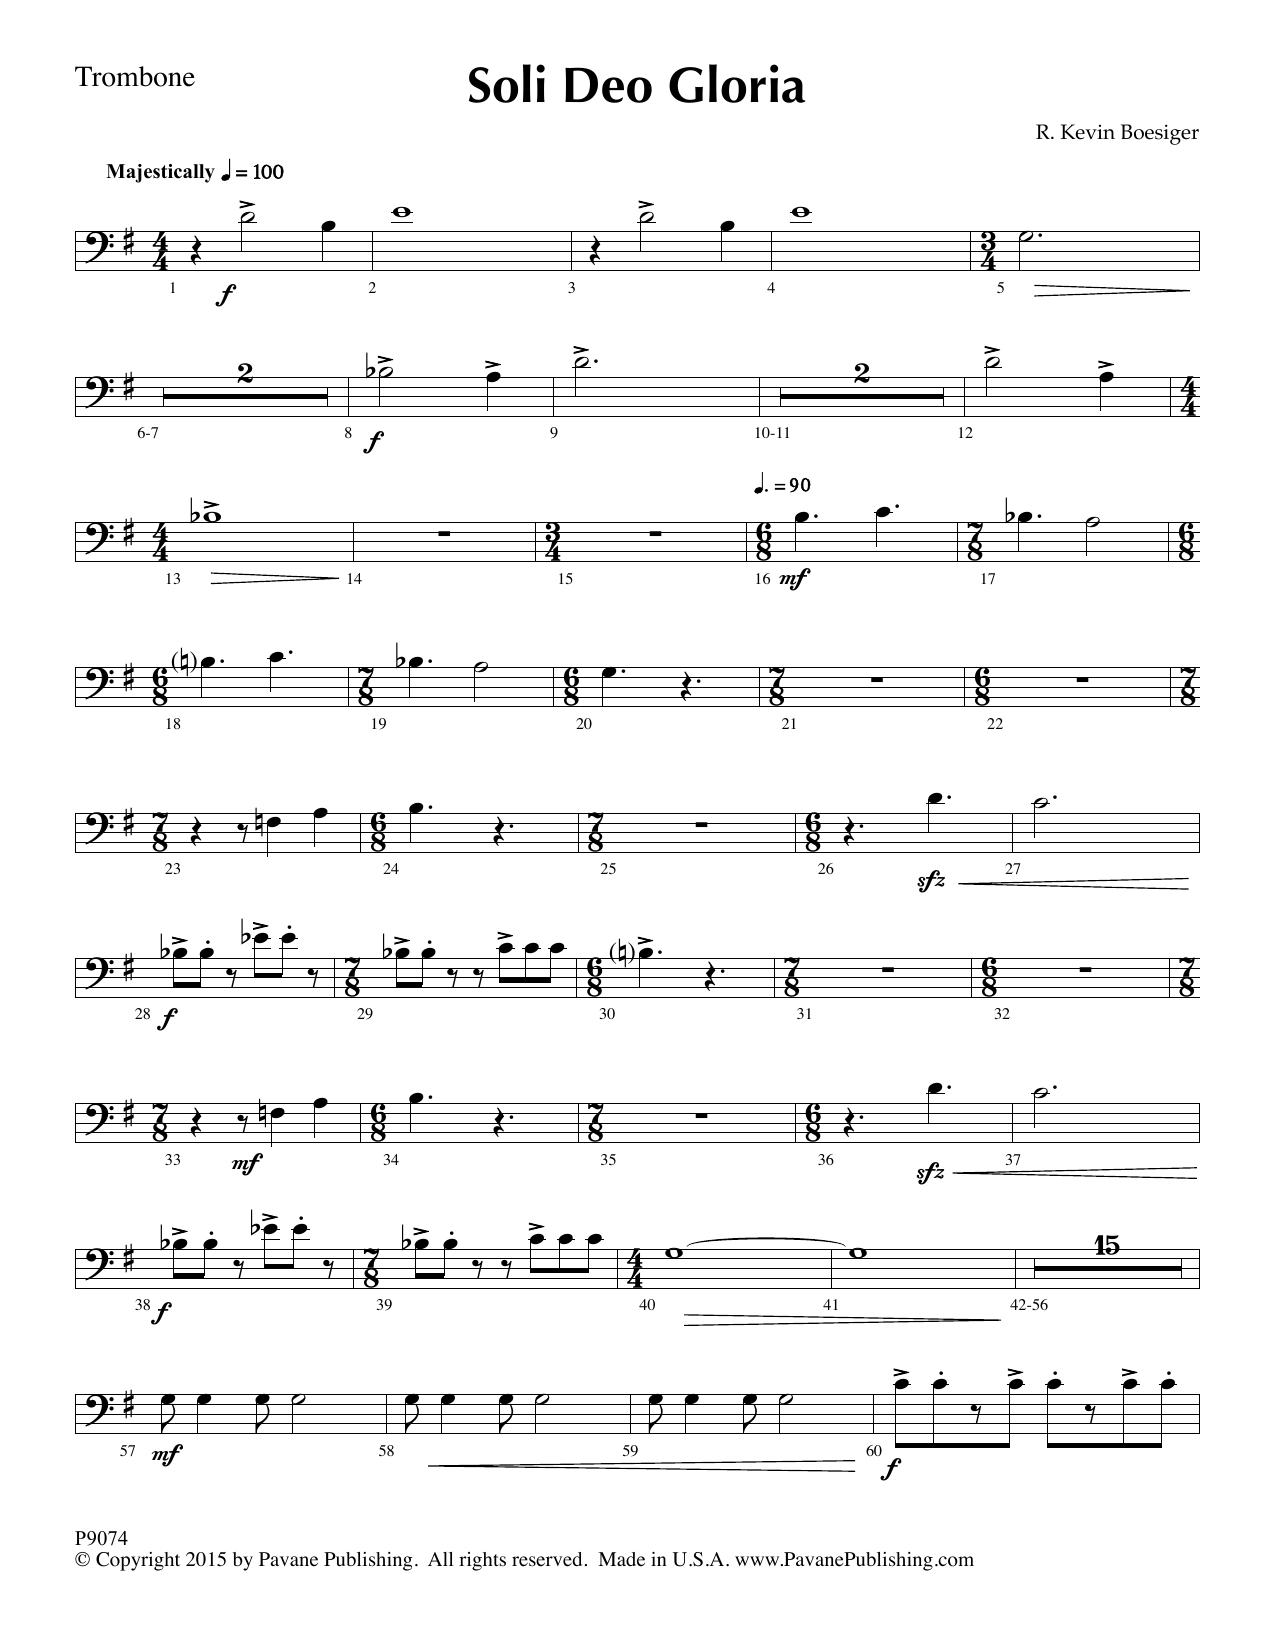 Soli Deo Gloria - Trombone